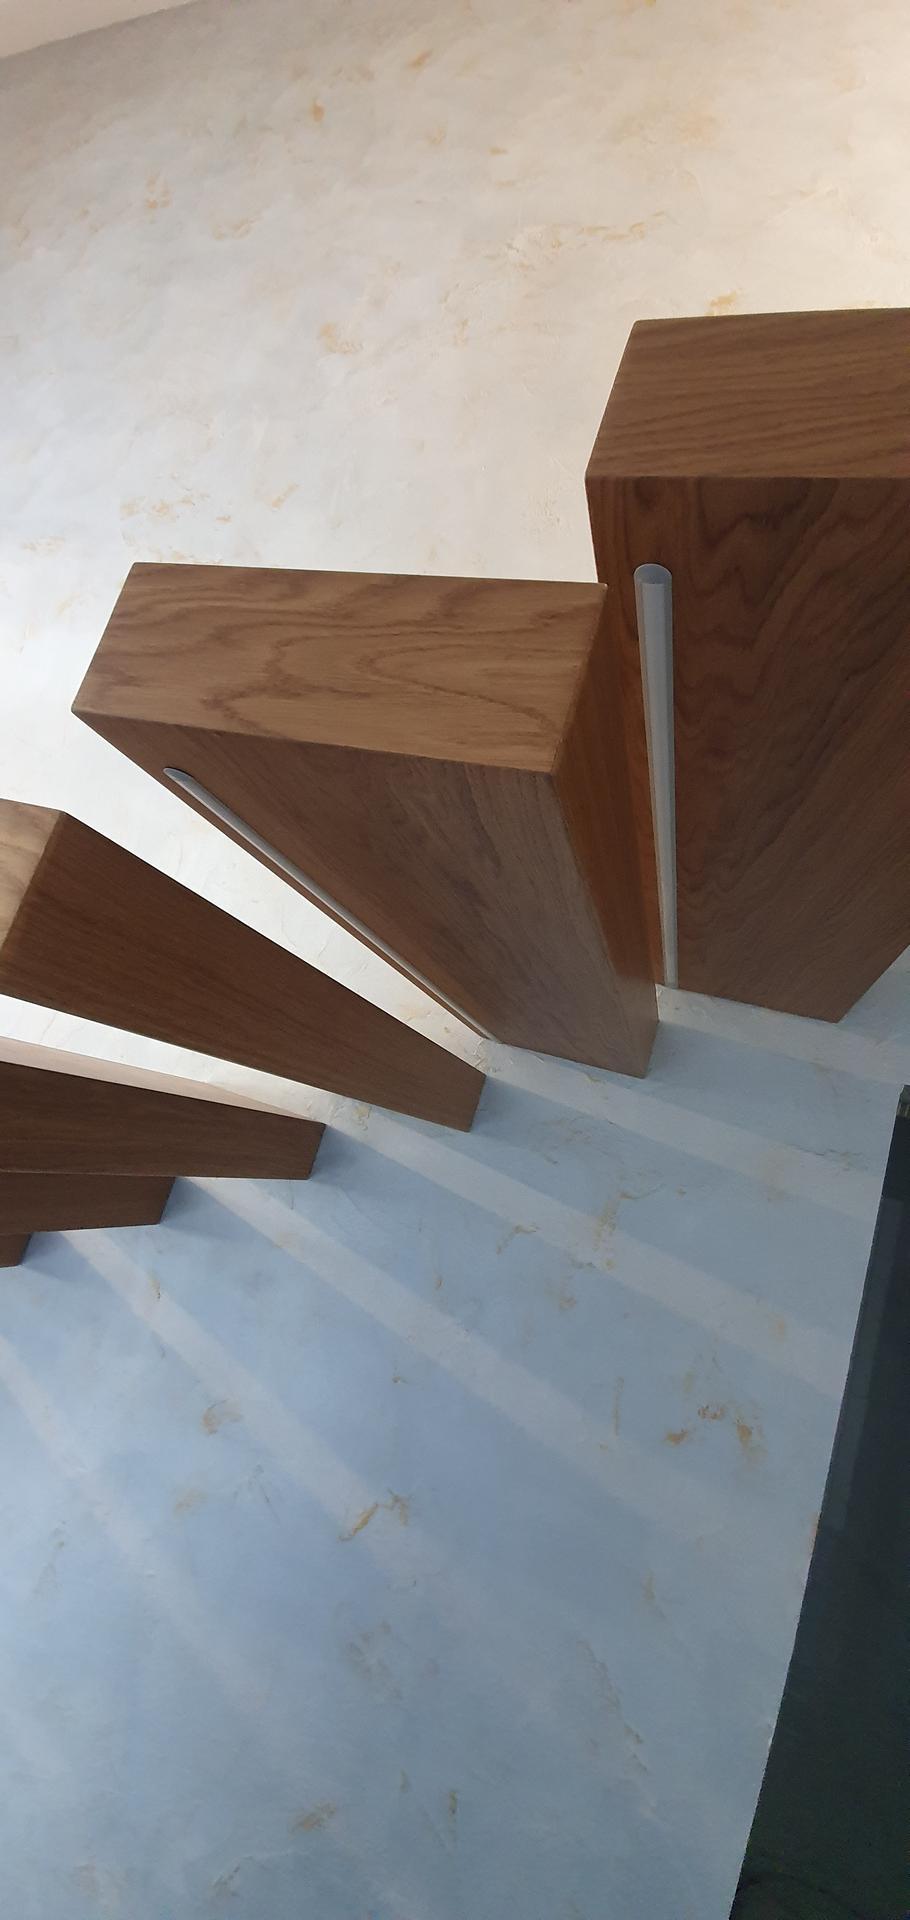 Konzolove schodisko (samonosne schody) - Obrázok č. 41